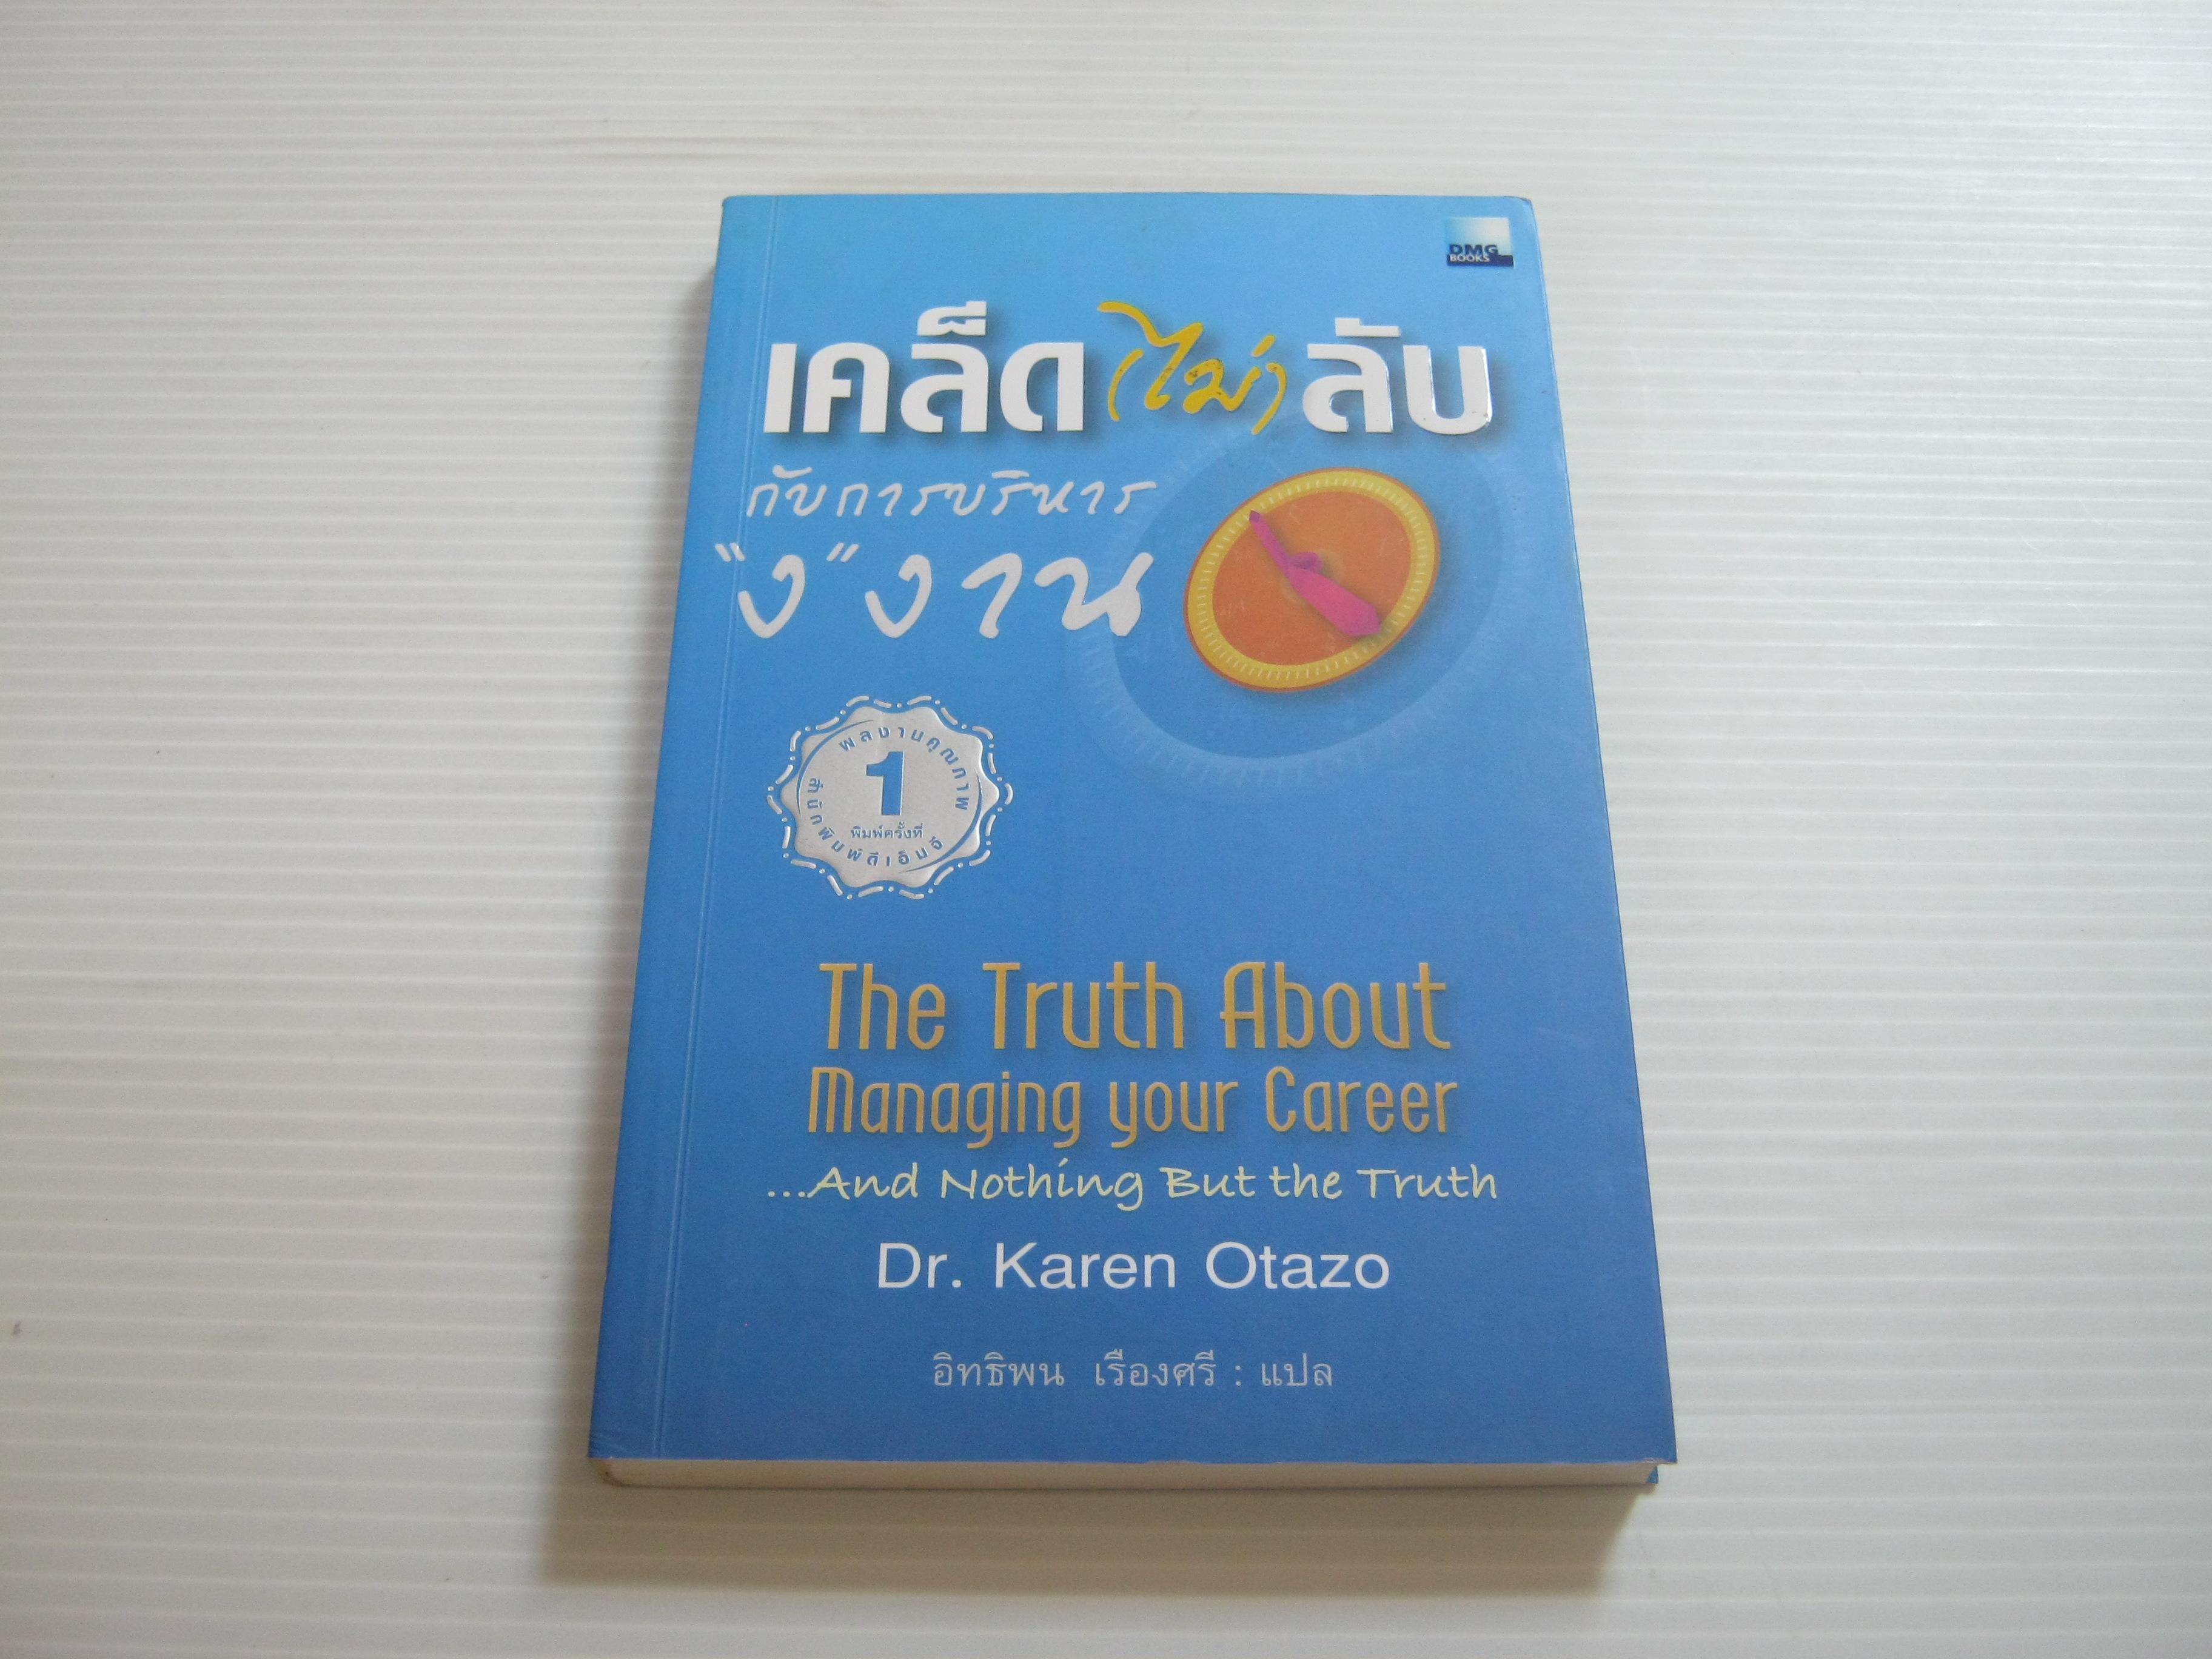 """เคล็ด (ไม่) ลับกับการบริหาร """"ง"""" งาน (The Truth About Managing your Career...And Nothing But the Truth) Dr.Karen Otazo เขียน อิทธิพน เรืองศรี แปล"""